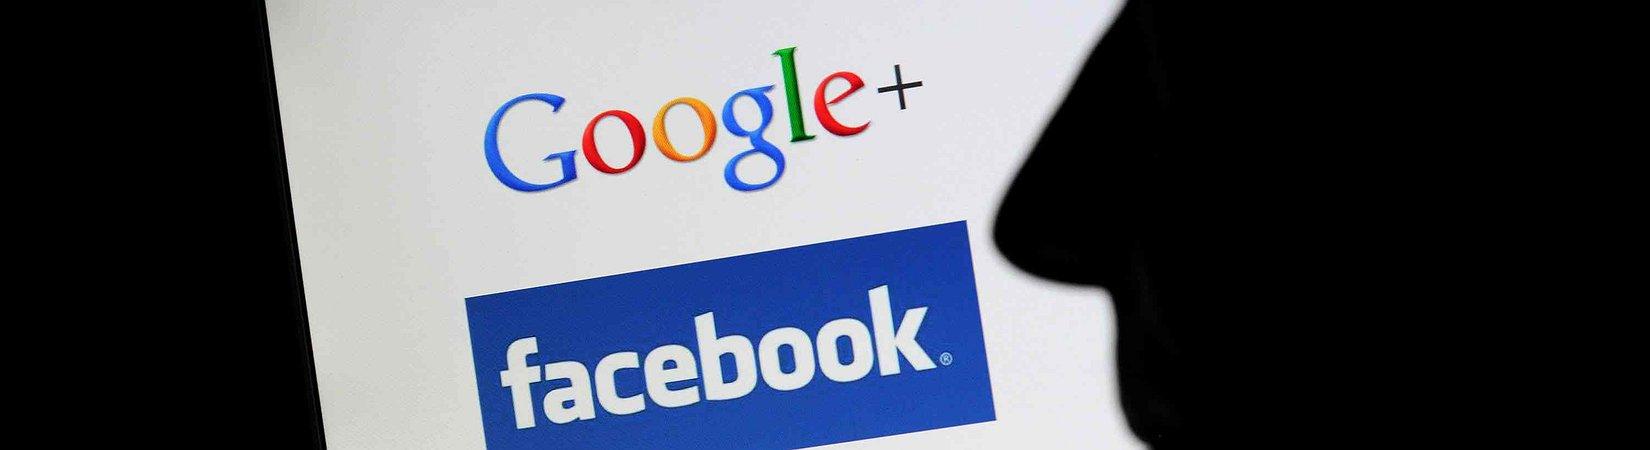 Google y Facebook hacen frente a las noticias falsas